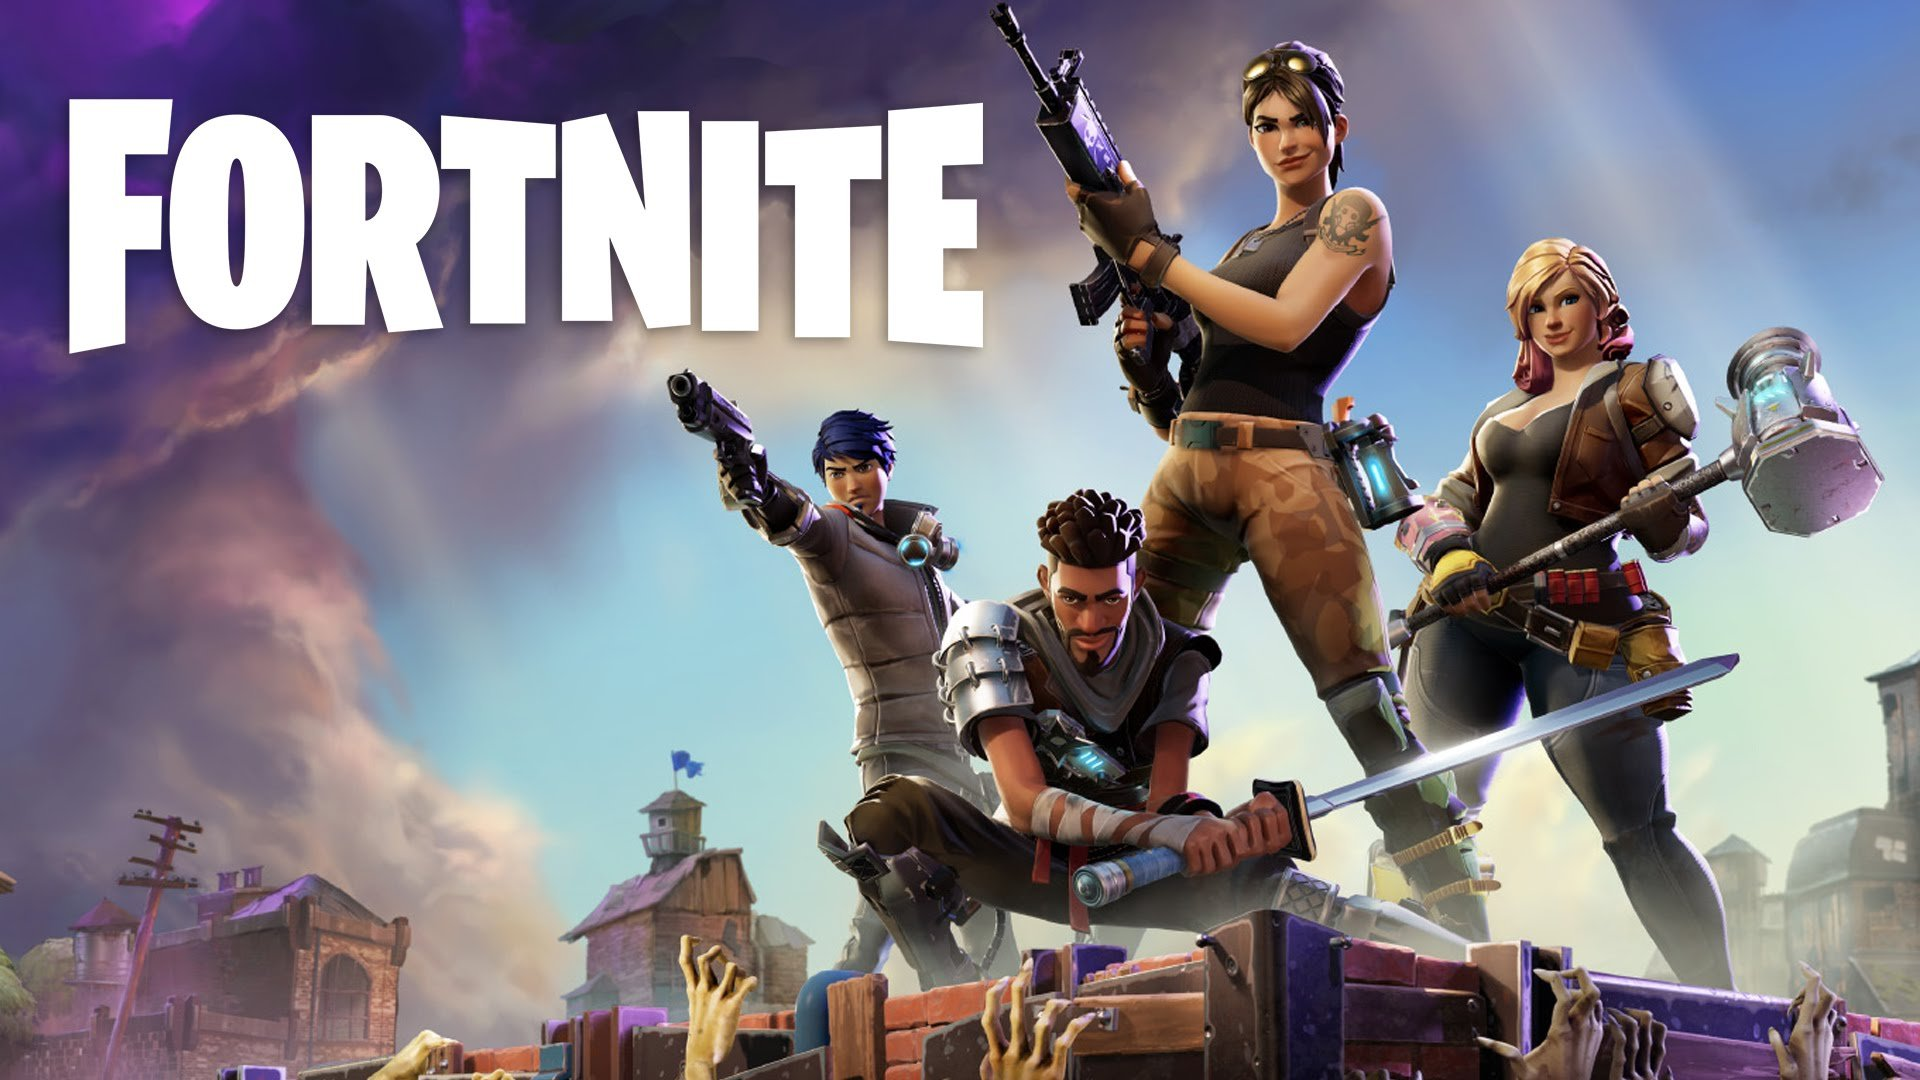 كيفية تحميل لعبة فورت نايت Fortnite ويندوز وماك وايفون 1